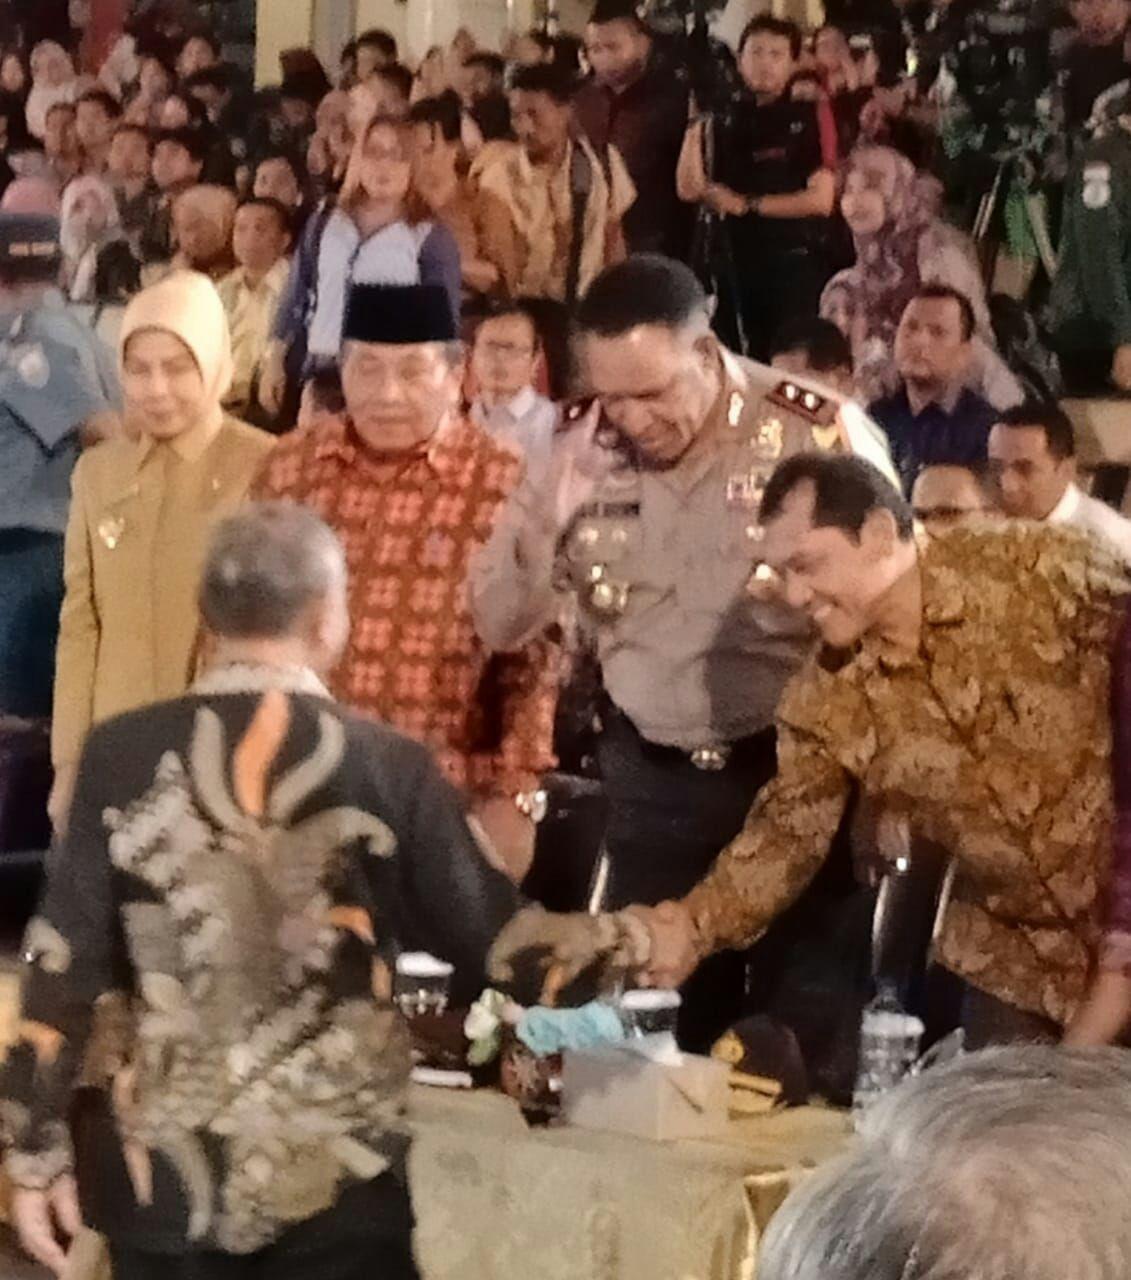 Ket foto  : Bupati Karo saat bersalaman dengan Ir. Agus Rahardjo Ketua KPK, Selasa (15/05) di ruang Auditorium USU MEDAN.